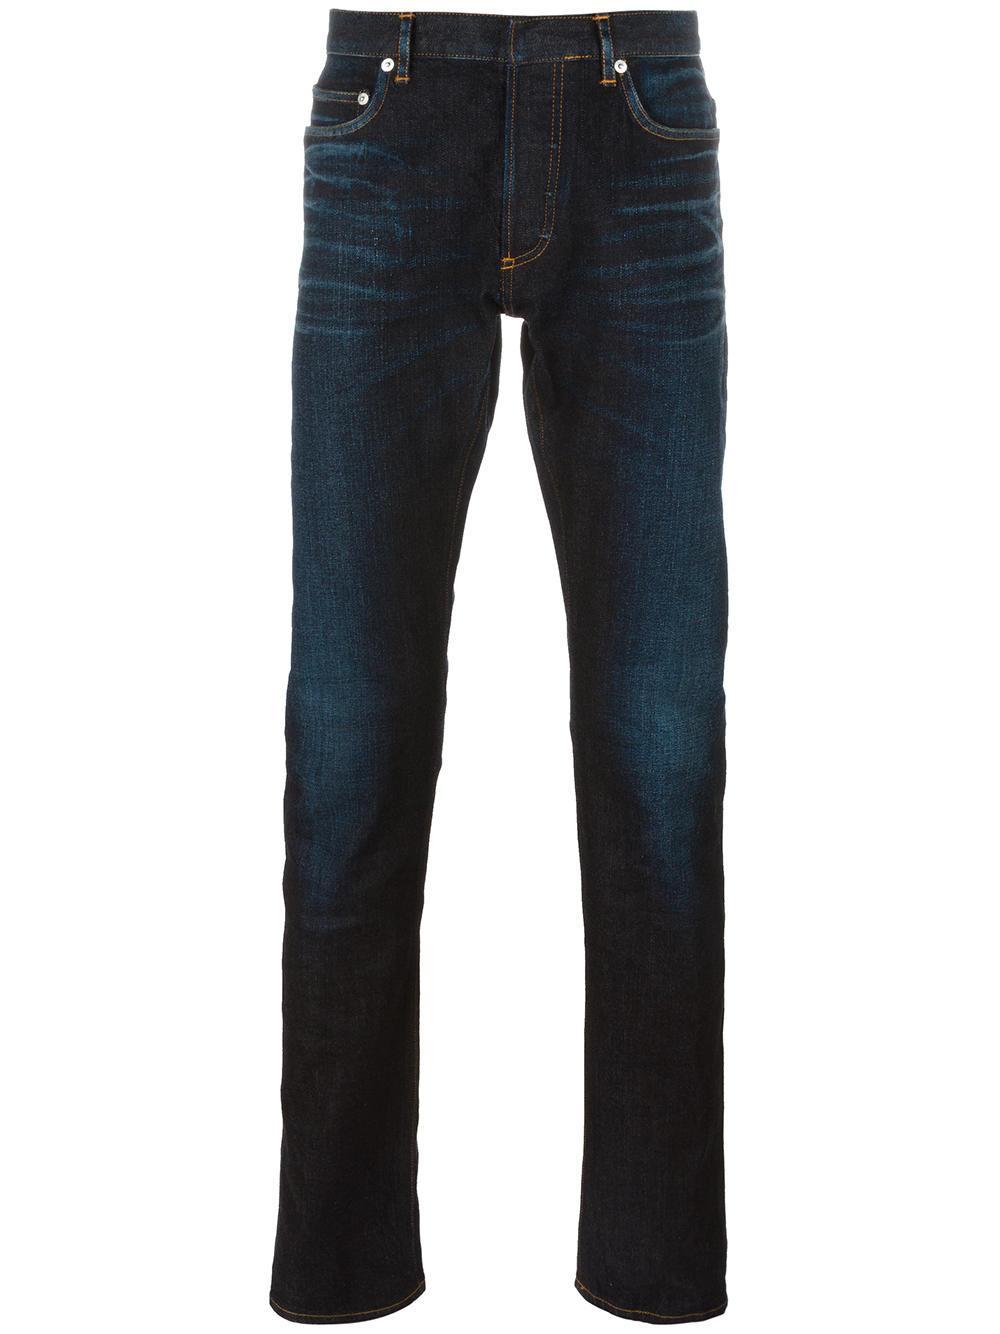 dior homme tapered jeans in blue for men lyst. Black Bedroom Furniture Sets. Home Design Ideas